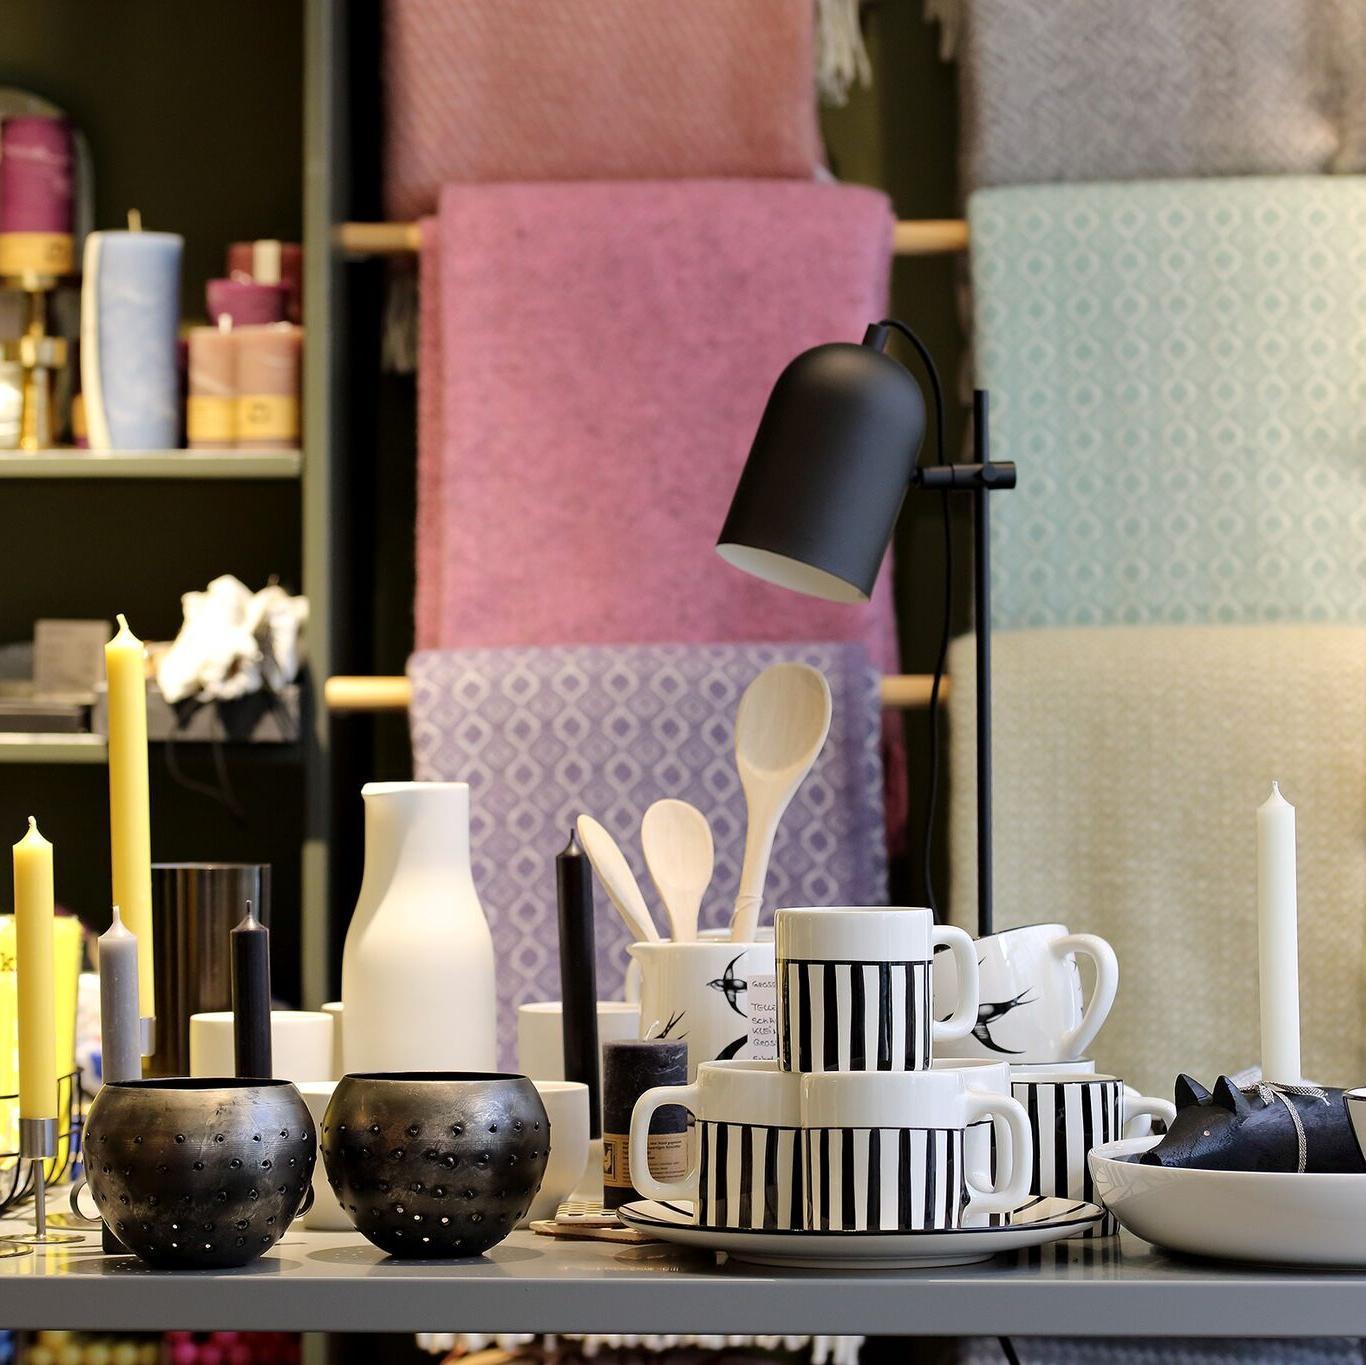 Geschenkideen für besondere Anlässe, z.B. ausgewählte Geschenkideen für Menschen mit Sinn für ein schönes Zuhause.